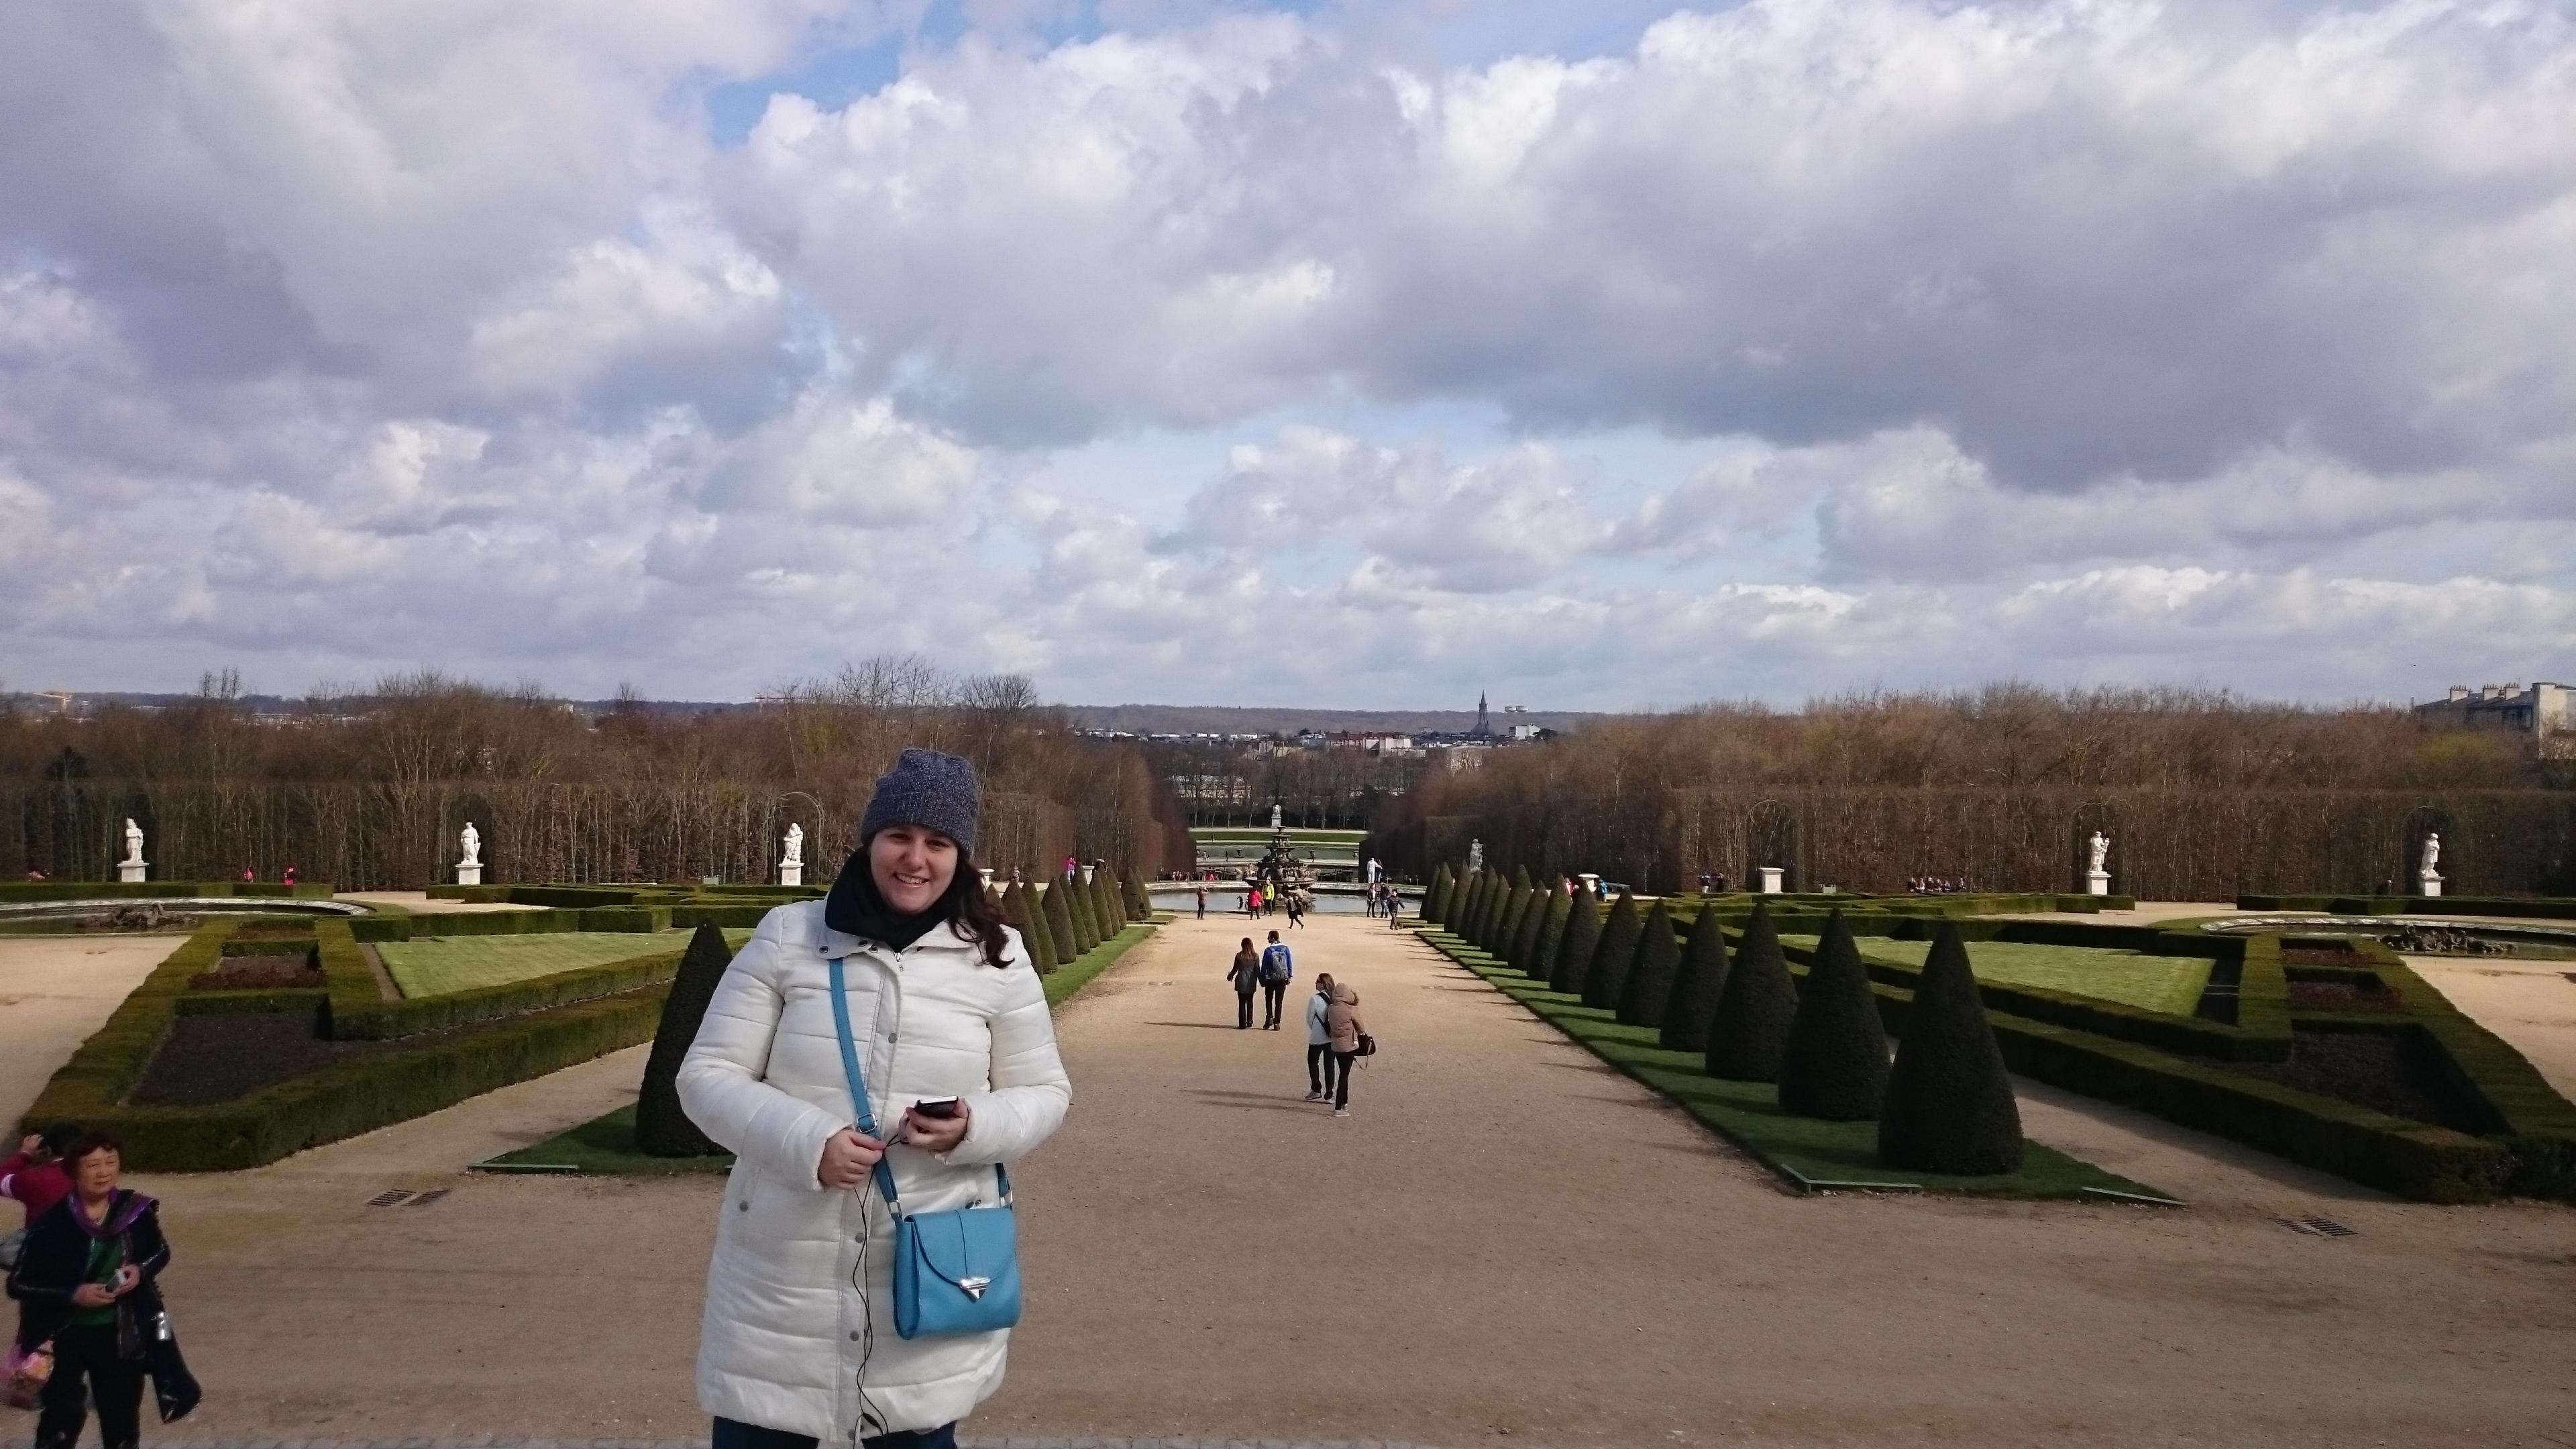 dsc 1153 copia - Visita al Palacio de Versalles: Como ir, cuanto cuesta y tips I/III